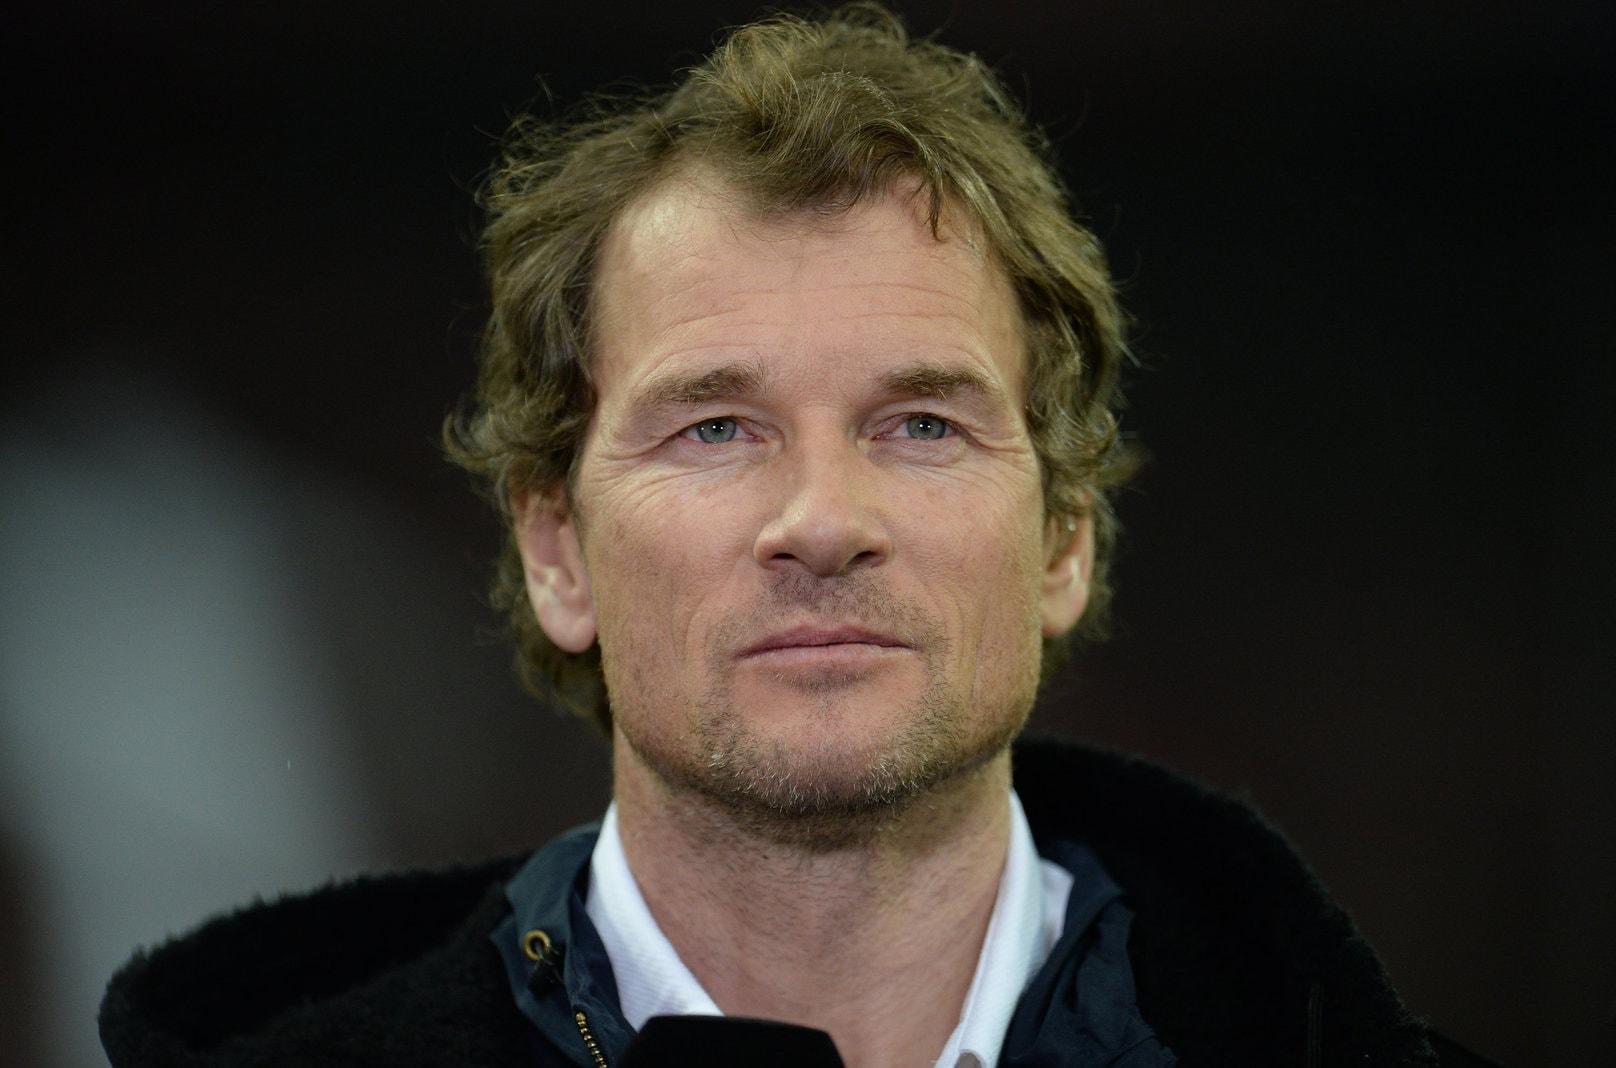 Jens Lehmann Käfer